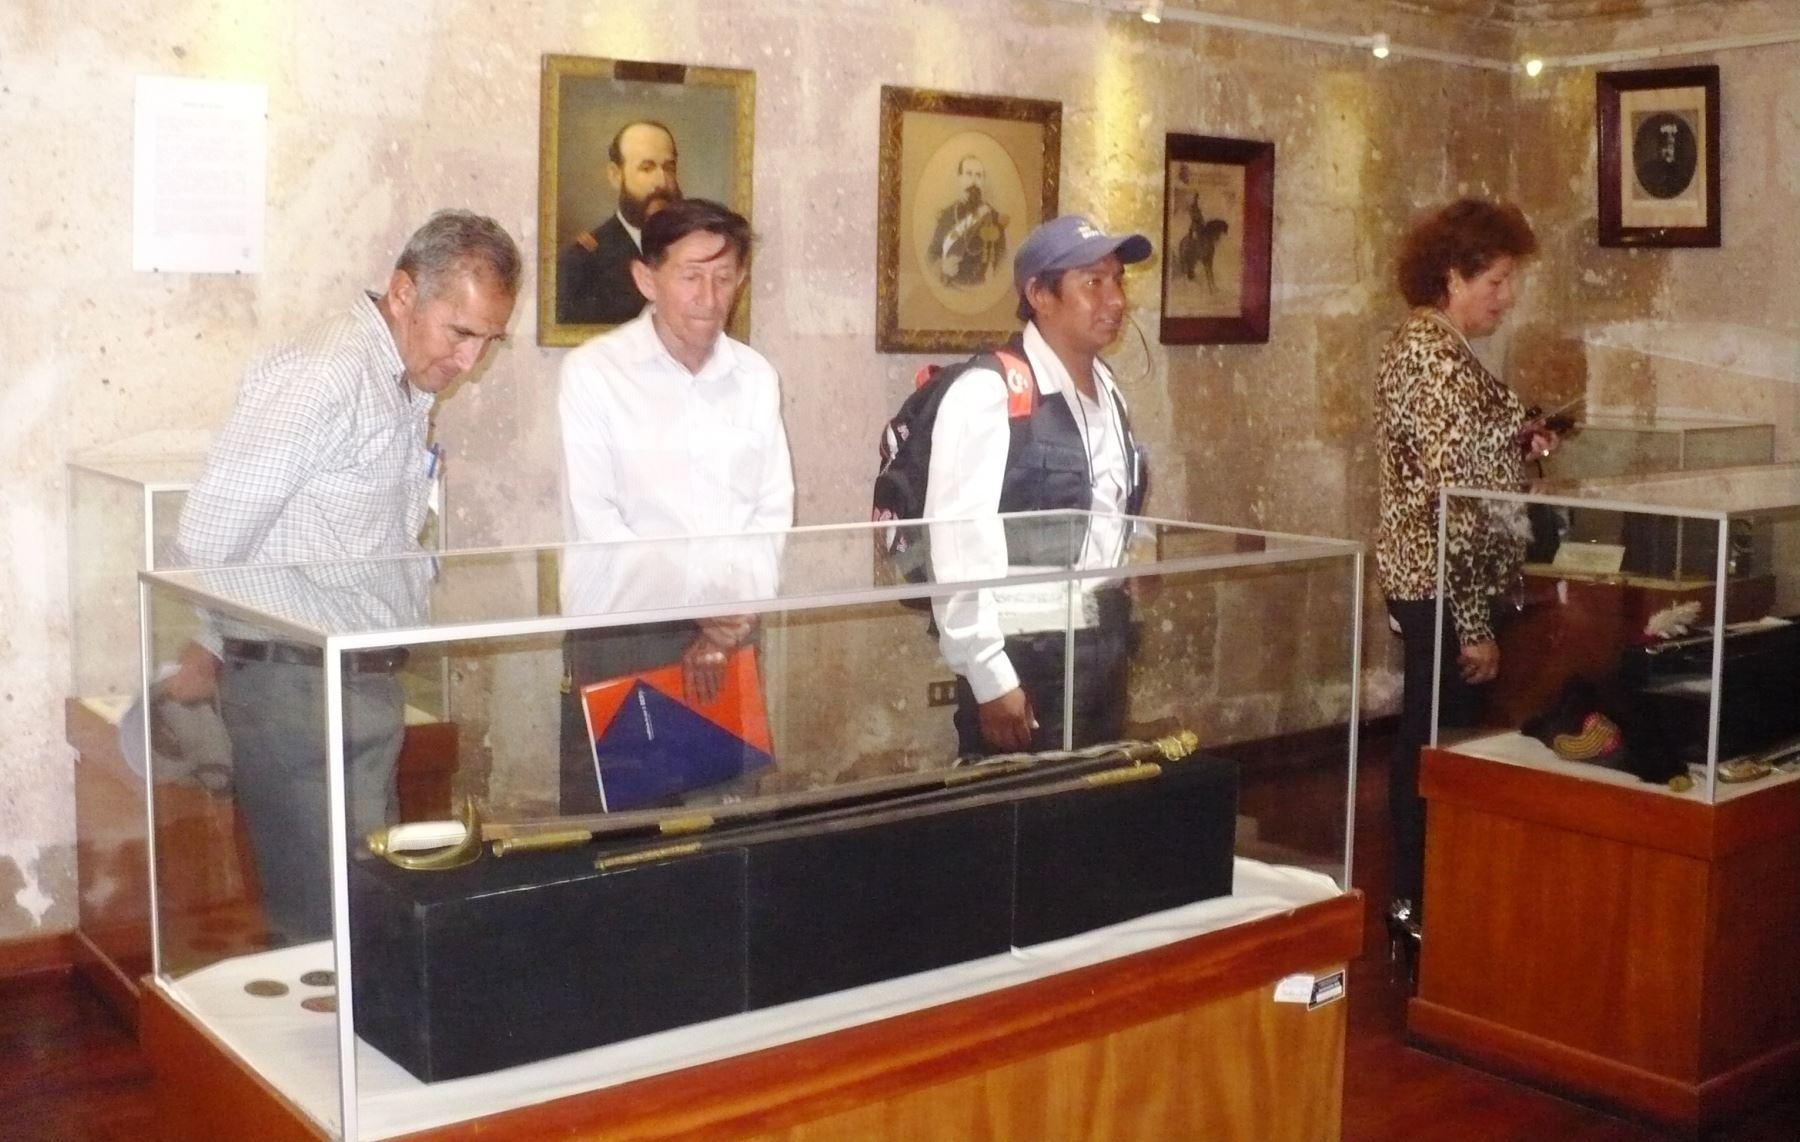 Museo Histórico Municipal de Arequipa cuenta con moderno sistema de videovigilancia. ANDINA/Rocío Méndez